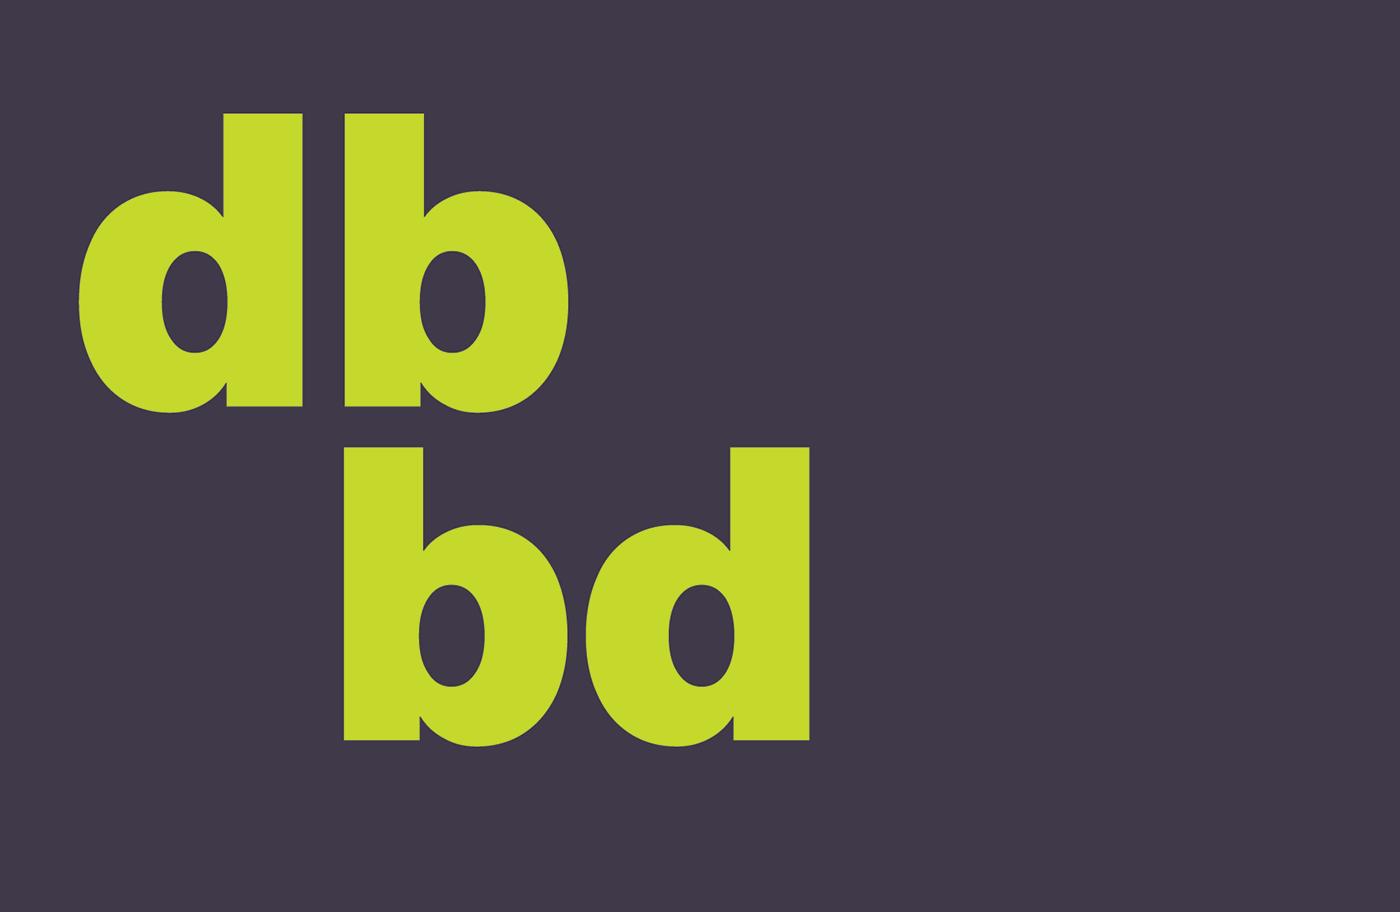 DBBD_1400-copy.png